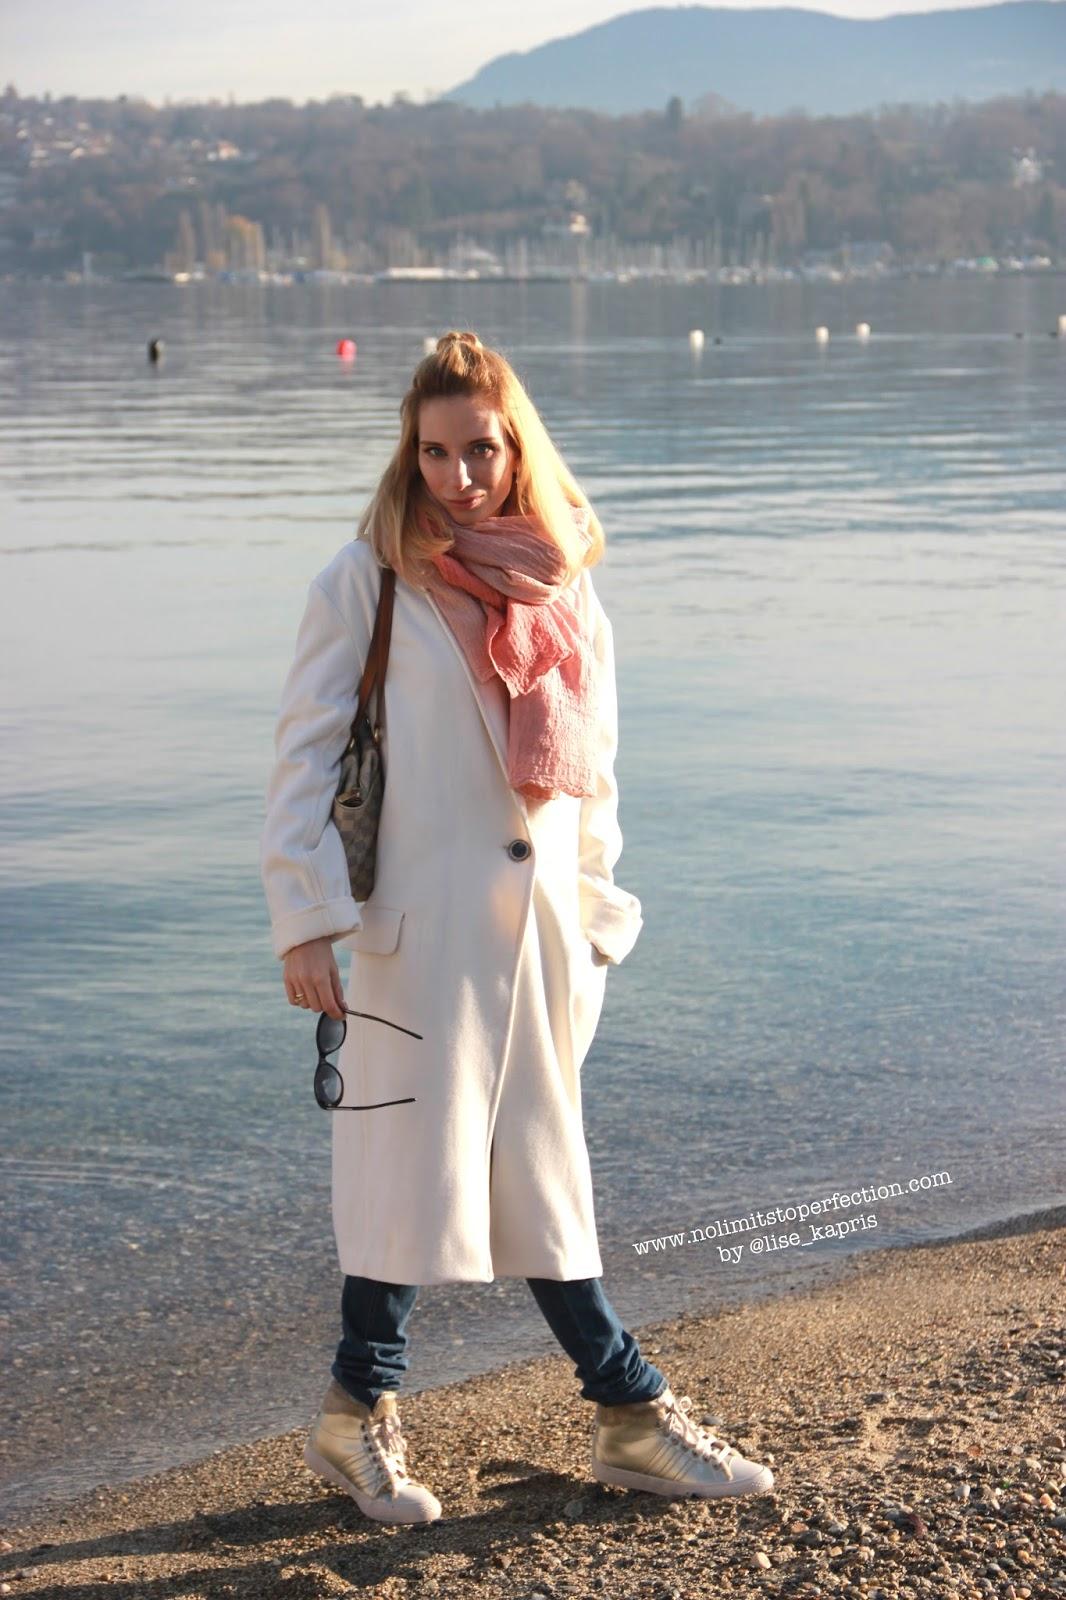 топ блогеры москвы лис каприс